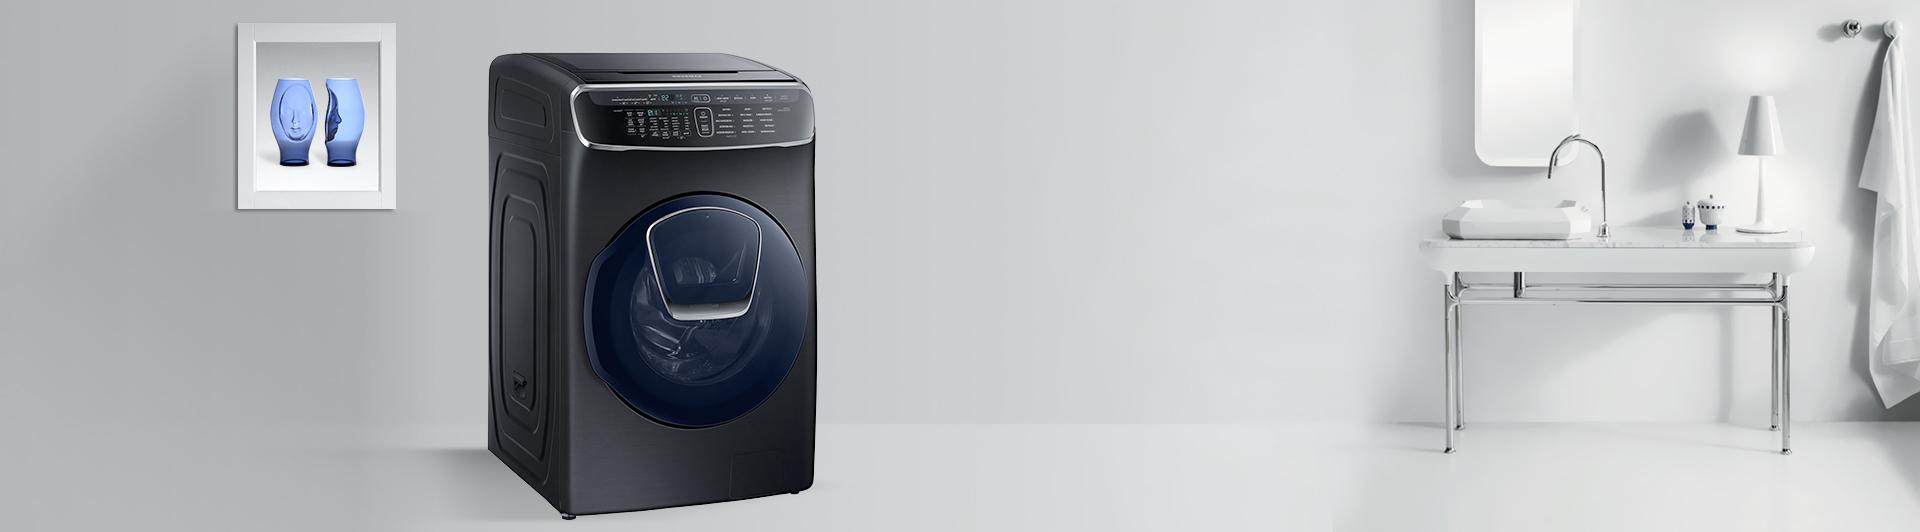 Máy giặt Samsung 21KG WR24M9960KV/SV là loại cửa trước 2 lồng giặt,1 lồng ngang kết hợp 1 lồng đứng